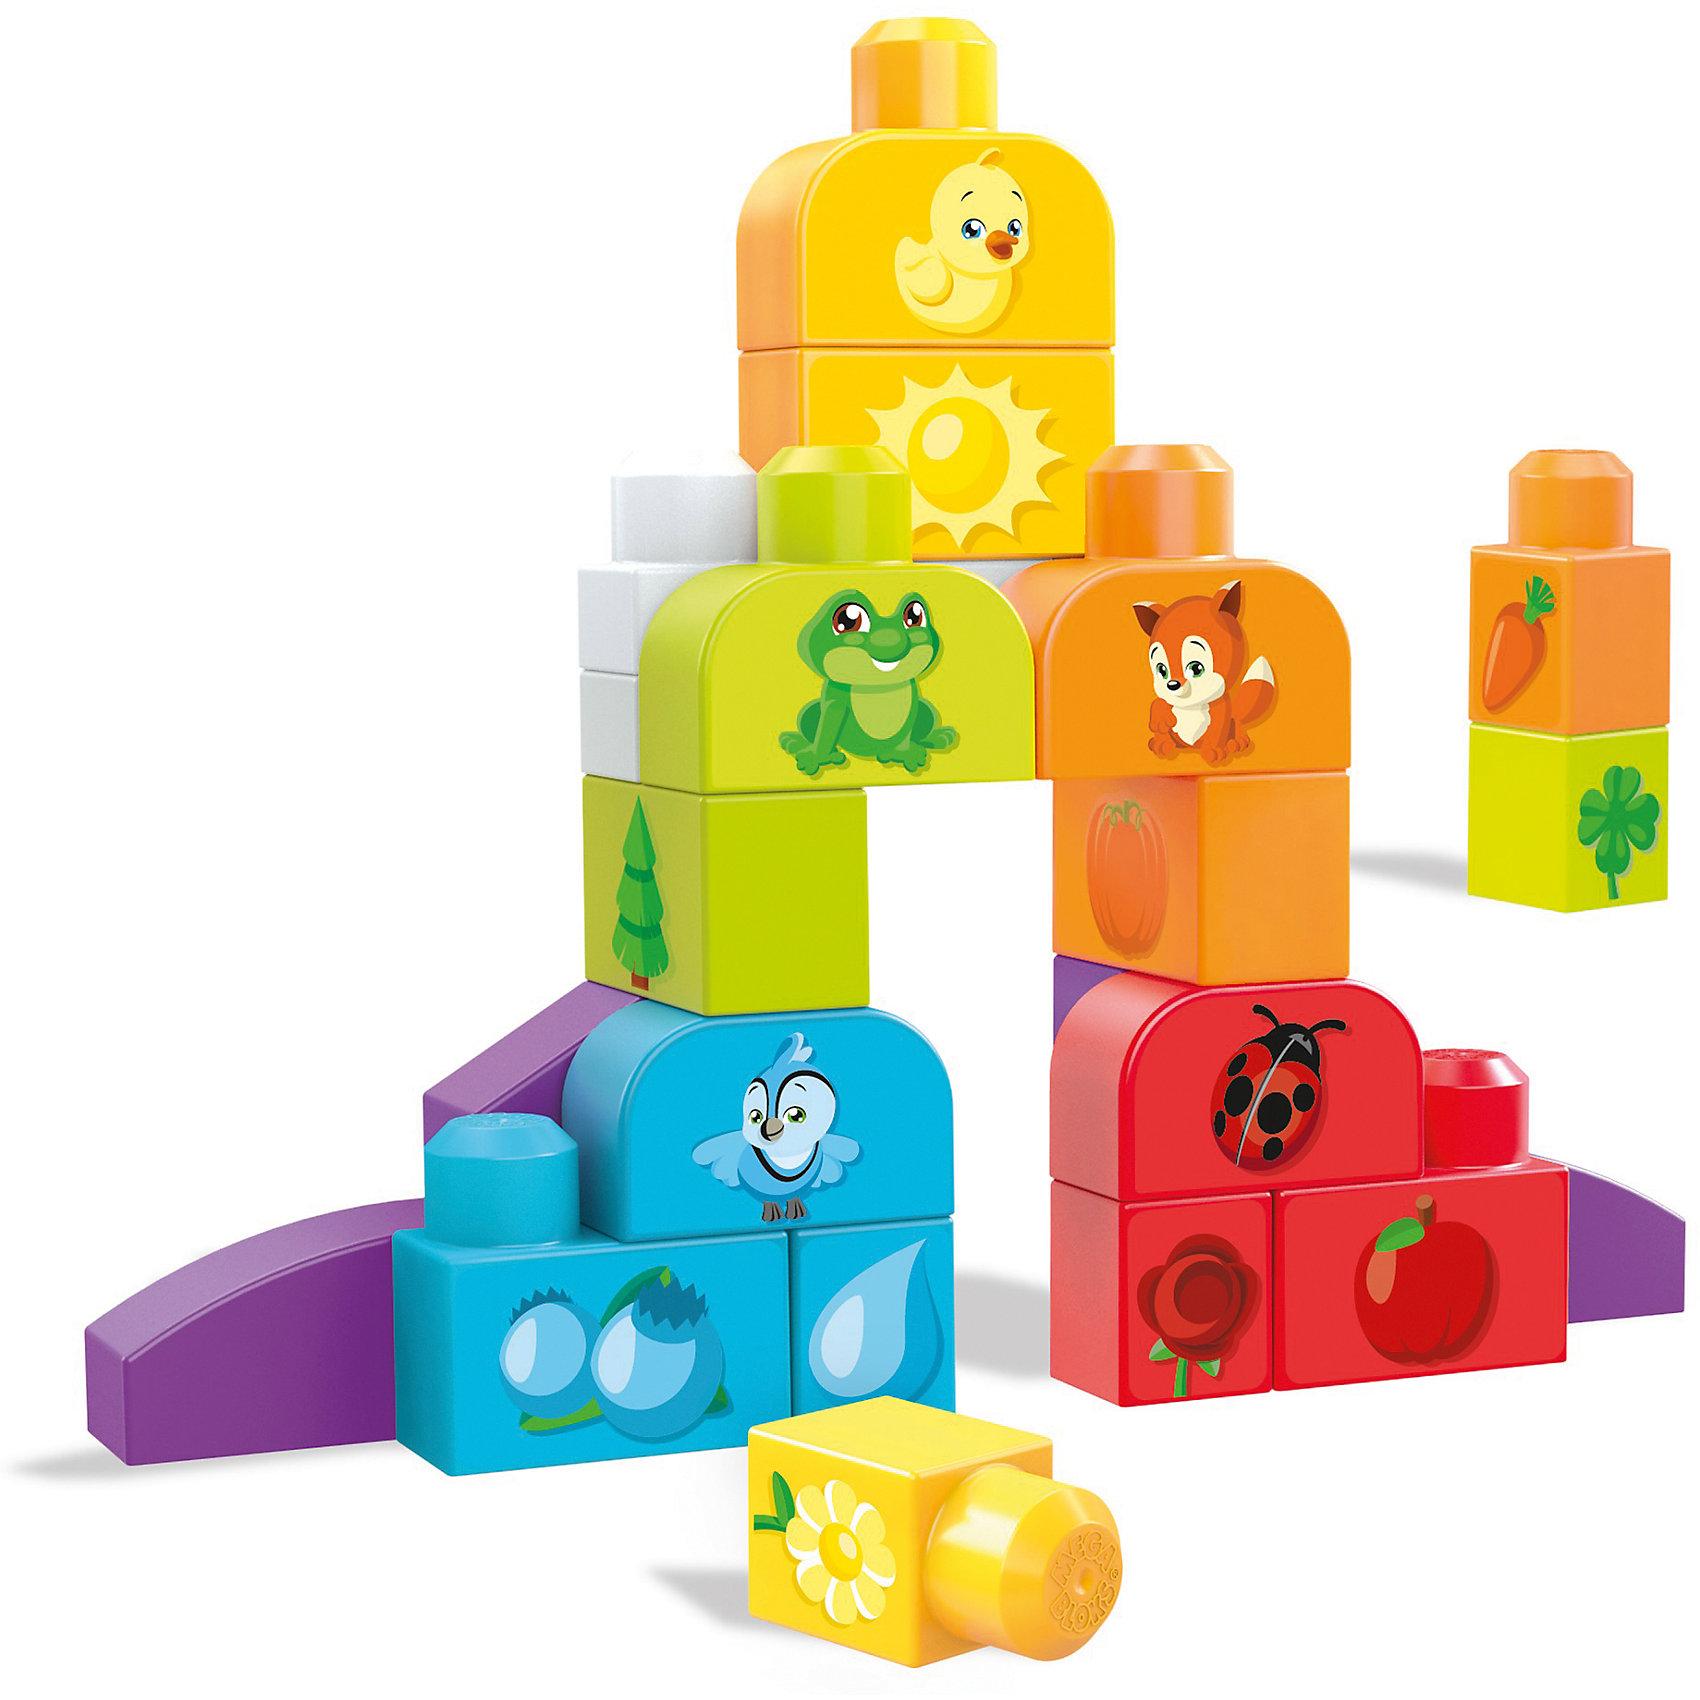 Обучающий конструктор MEGA BLOKS Изучаем цветаПластмассовые конструкторы<br>Характеристики товара:<br><br>• возраст от 1 года;<br>• материал: пластик;<br>• в комплекте 21 деталь;<br>• размер упаковки 25,5х20,5х10 см;<br>• вес упаковки 430 гр.;<br>• страна производитель: Китай.<br><br>Конструктор голубой Mega Bloks First Builders позволит малышам построить из деталей башни, дома, машинки, животных. Каждая деталь достаточно крупная и удобная для маленьких детских ручек. <br><br>Собирая конструктор, малыш выучит цифры до 10 и простые основы счета, так как детали пронумерованы. Такое увлекательное занятие, как сборка конструктора, способствует развитию мелкой моторики рук, логического мышления, внимательности и усидчивости. <br><br>Хранить дома детали можно в специальной пластиковой сумочке, чтобы не потерять их. Все элементы изготовлены из качественного безопасного пластика.<br><br>Конструктор голубой Mega Bloks First Builders можно приобрести в нашем интернет-магазине.<br><br>Ширина мм: 266<br>Глубина мм: 210<br>Высота мм: 106<br>Вес г: 379<br>Возраст от месяцев: 12<br>Возраст до месяцев: 48<br>Пол: Унисекс<br>Возраст: Детский<br>SKU: 5254613